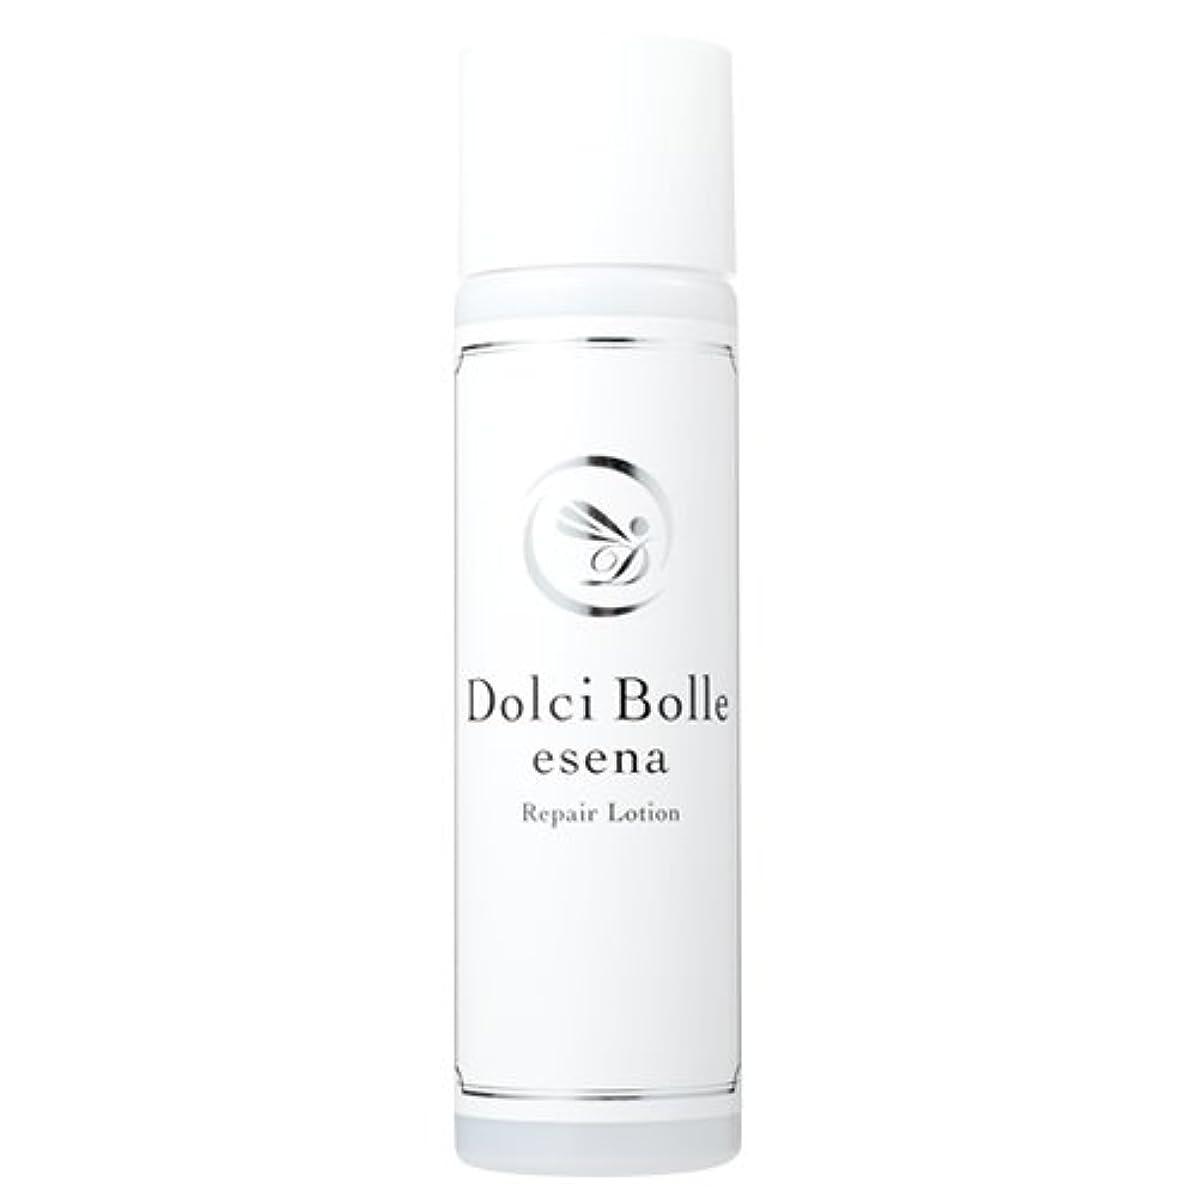 推測浜辺革命Dolci Bolle(ドルチボーレ) esena(エセナ) リペアローション 150ml